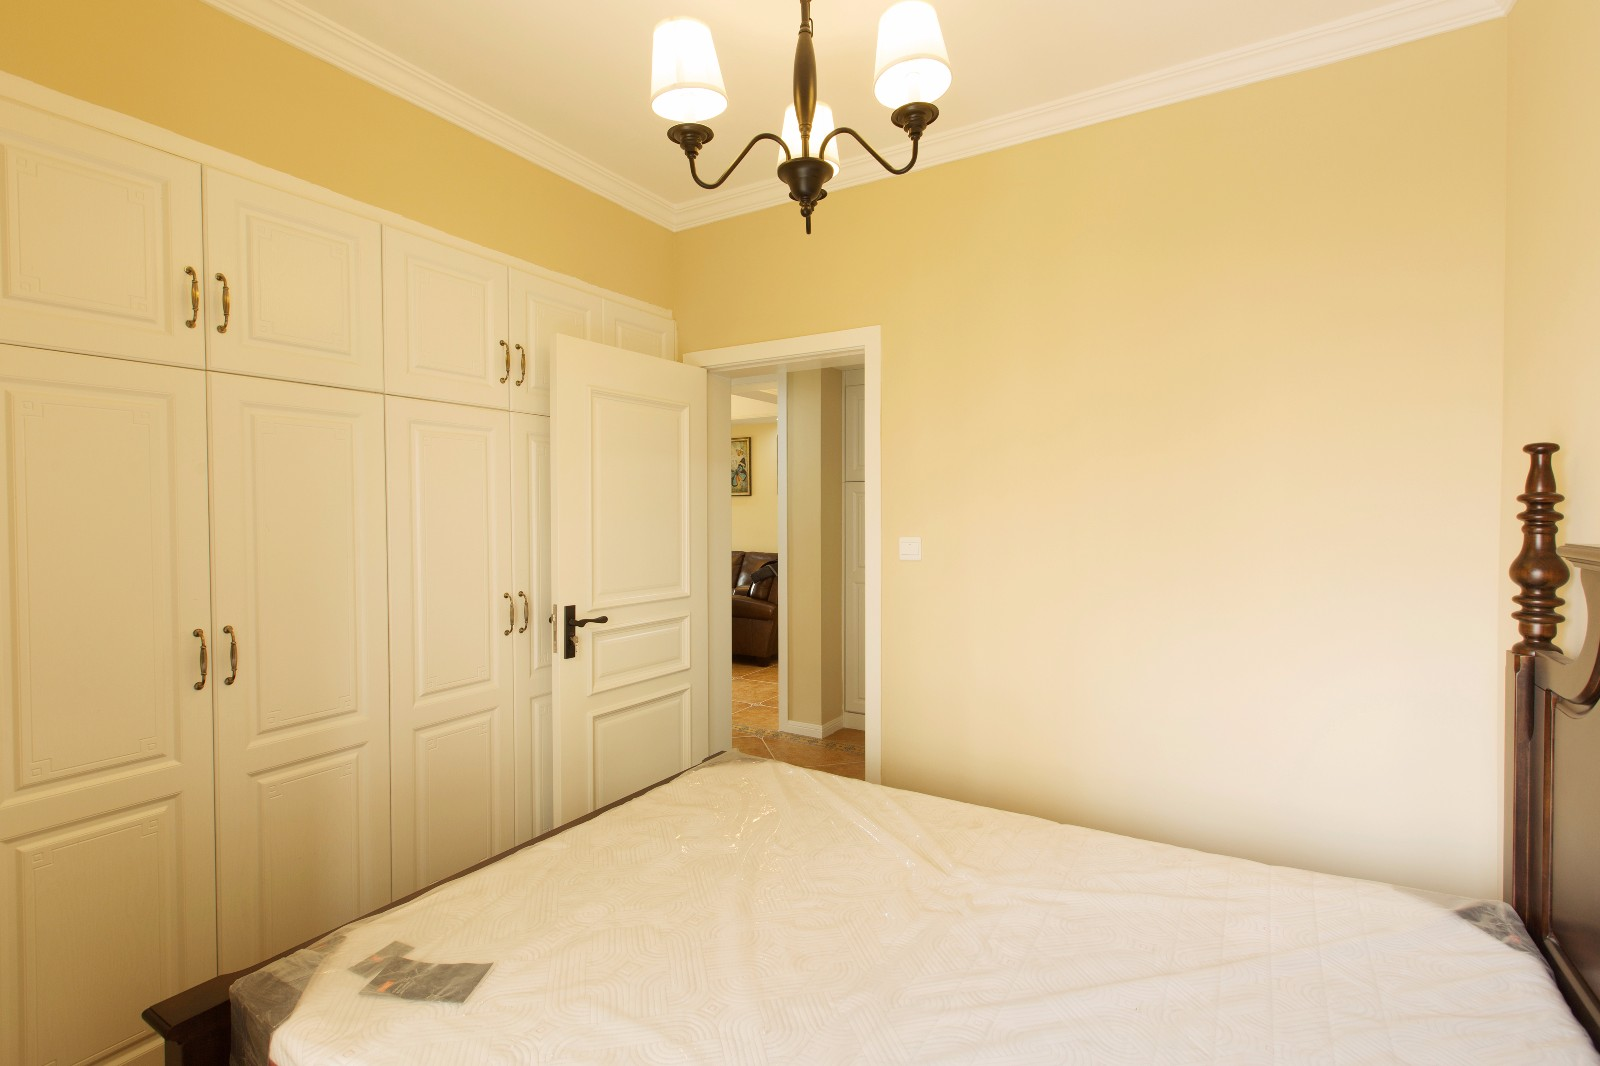 美式卧室衣柜实景图